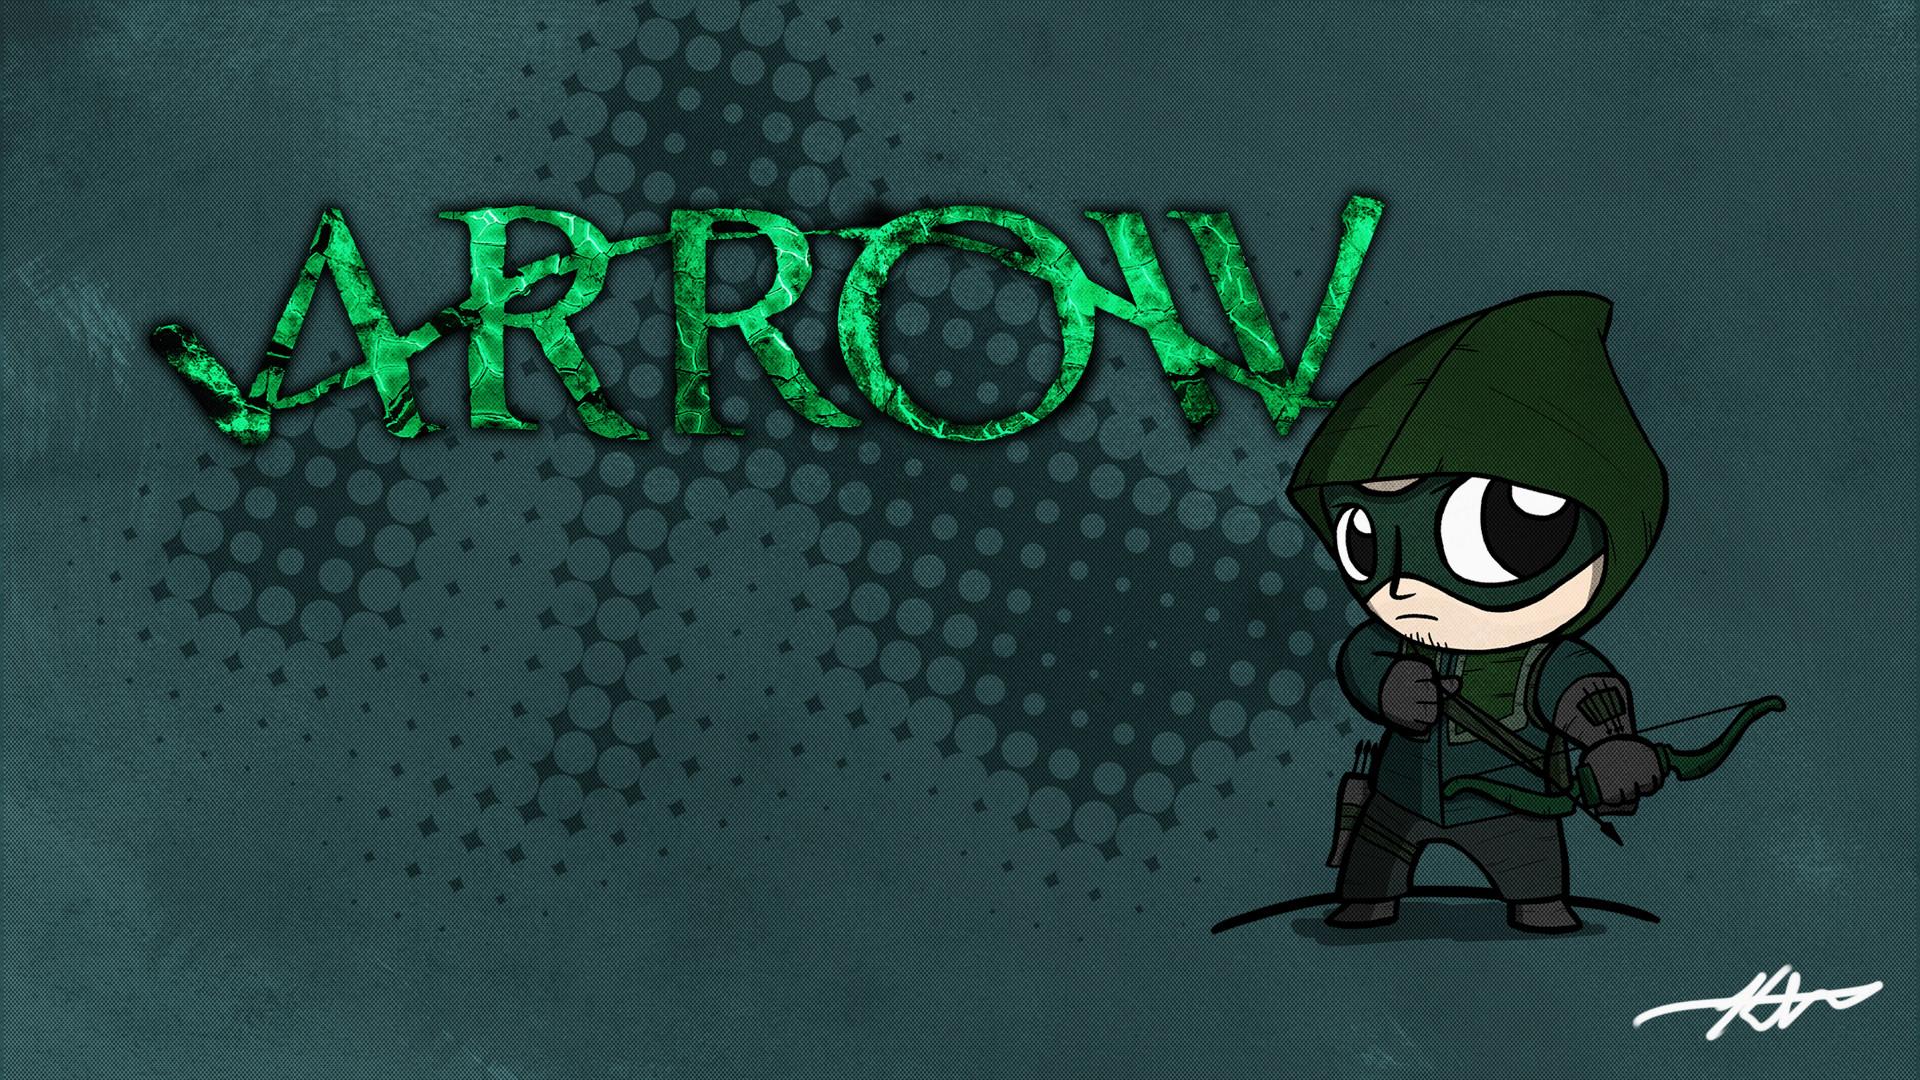 Must see Wallpaper Movie Arrow - 528330  Image_676867.jpg